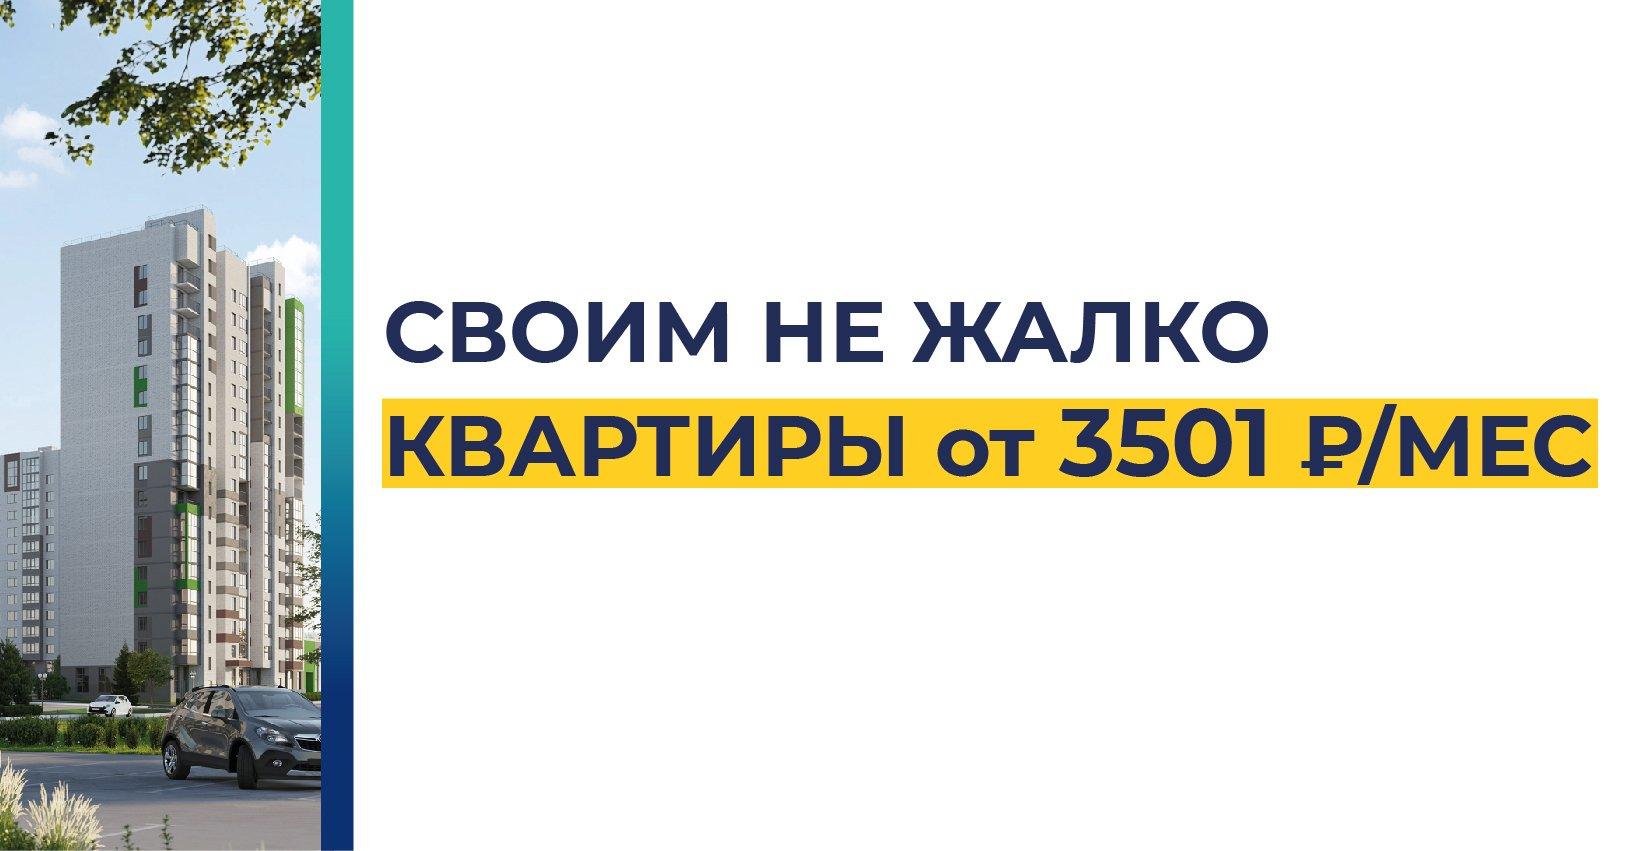 Баннер_Свои